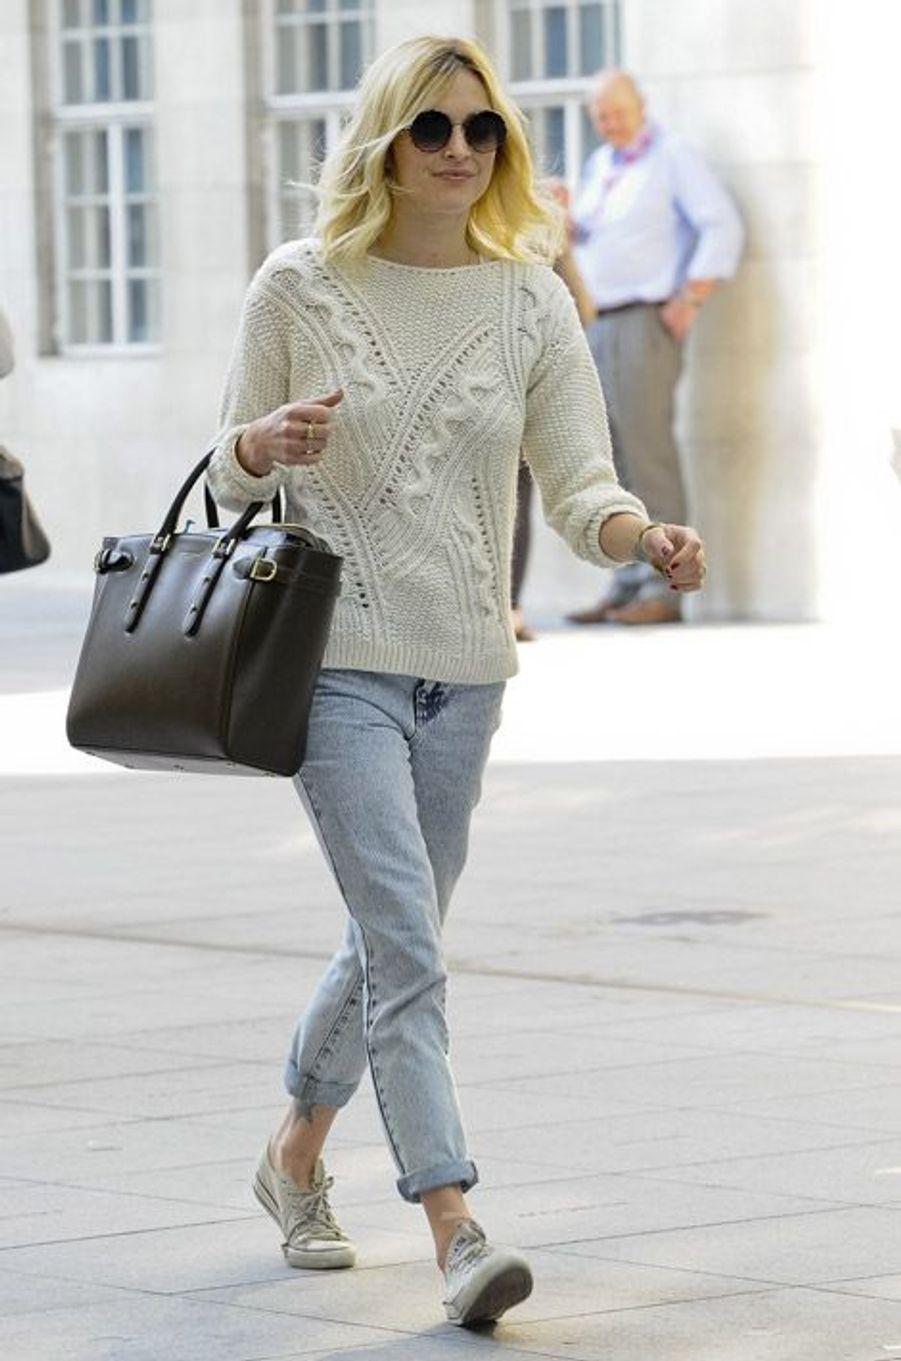 Le pullClassique mais à ne pas négliger. Le pull, irlandais en laine, BCBG en cachemire, sportswear en coton, n'a pas dit son dernier mot. Cet hiver, il s'impose plus que jamais. Le mannequin Gisele Bündchen en a fait une pièce phare en le portant pour la campagne de publicité de l'enseigne H&M en 2013. La journaliste britannique Fearne Cotton l'a immédiatement adopté pour une tenue casual. Côté baskets également, le blanc se veut indispensable: Converse, Superga, Nike, toutes les marques ont leur modèle immaculé. De son côté, l'actrice Melanie Griffith opte pour l'élégance intemporelle avec un pull tout doux parsemé de perles, signé Chanel.